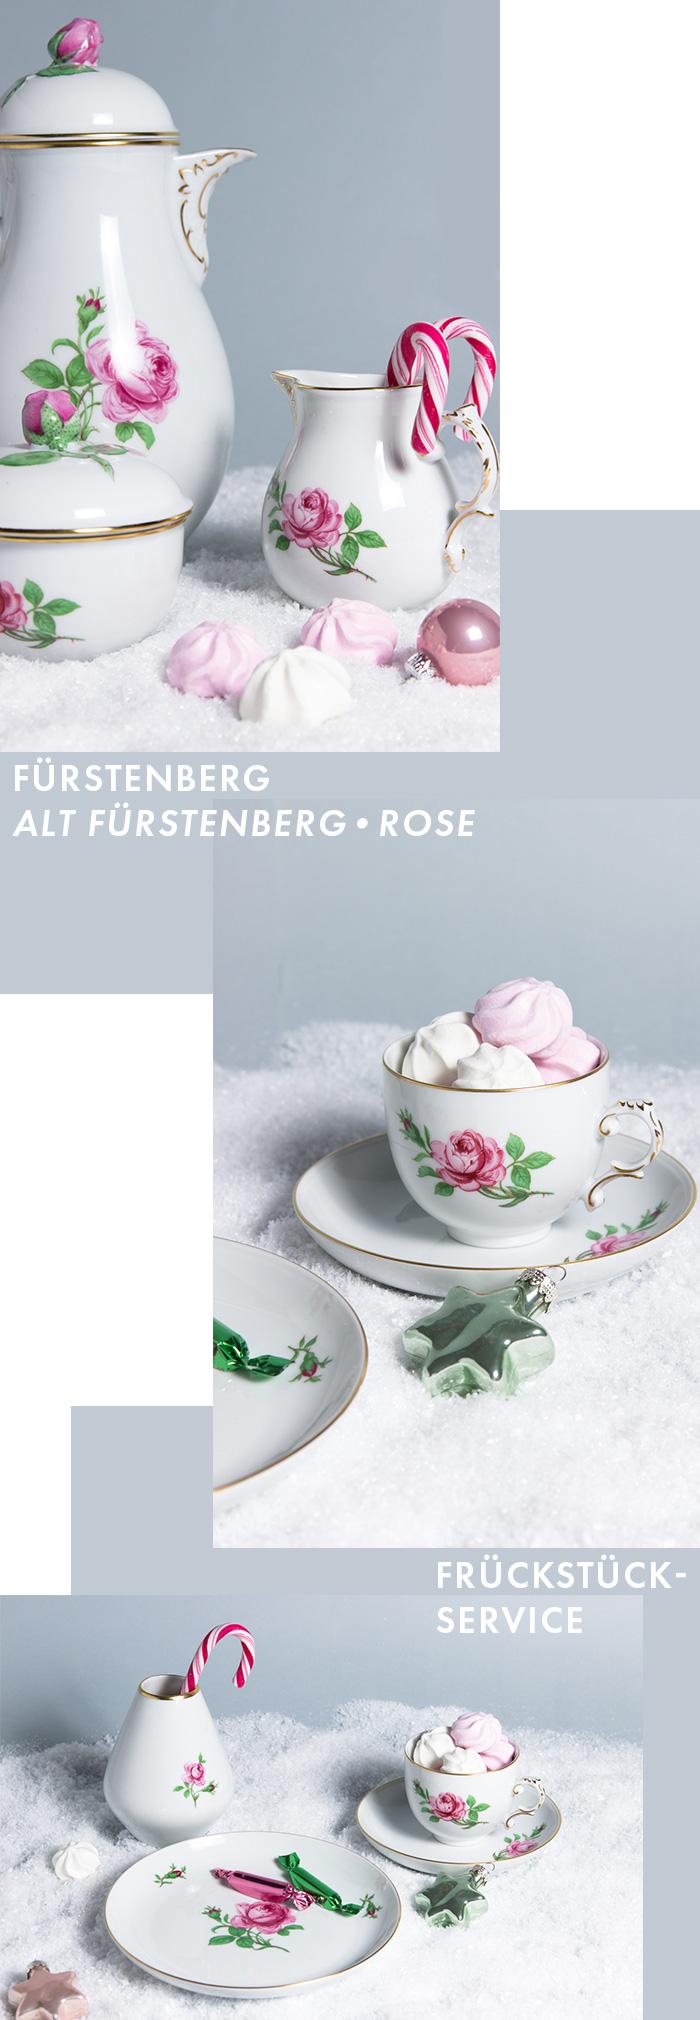 Exklusives Service - Frühstücks-Service - Alt Fürstenberg - Rose